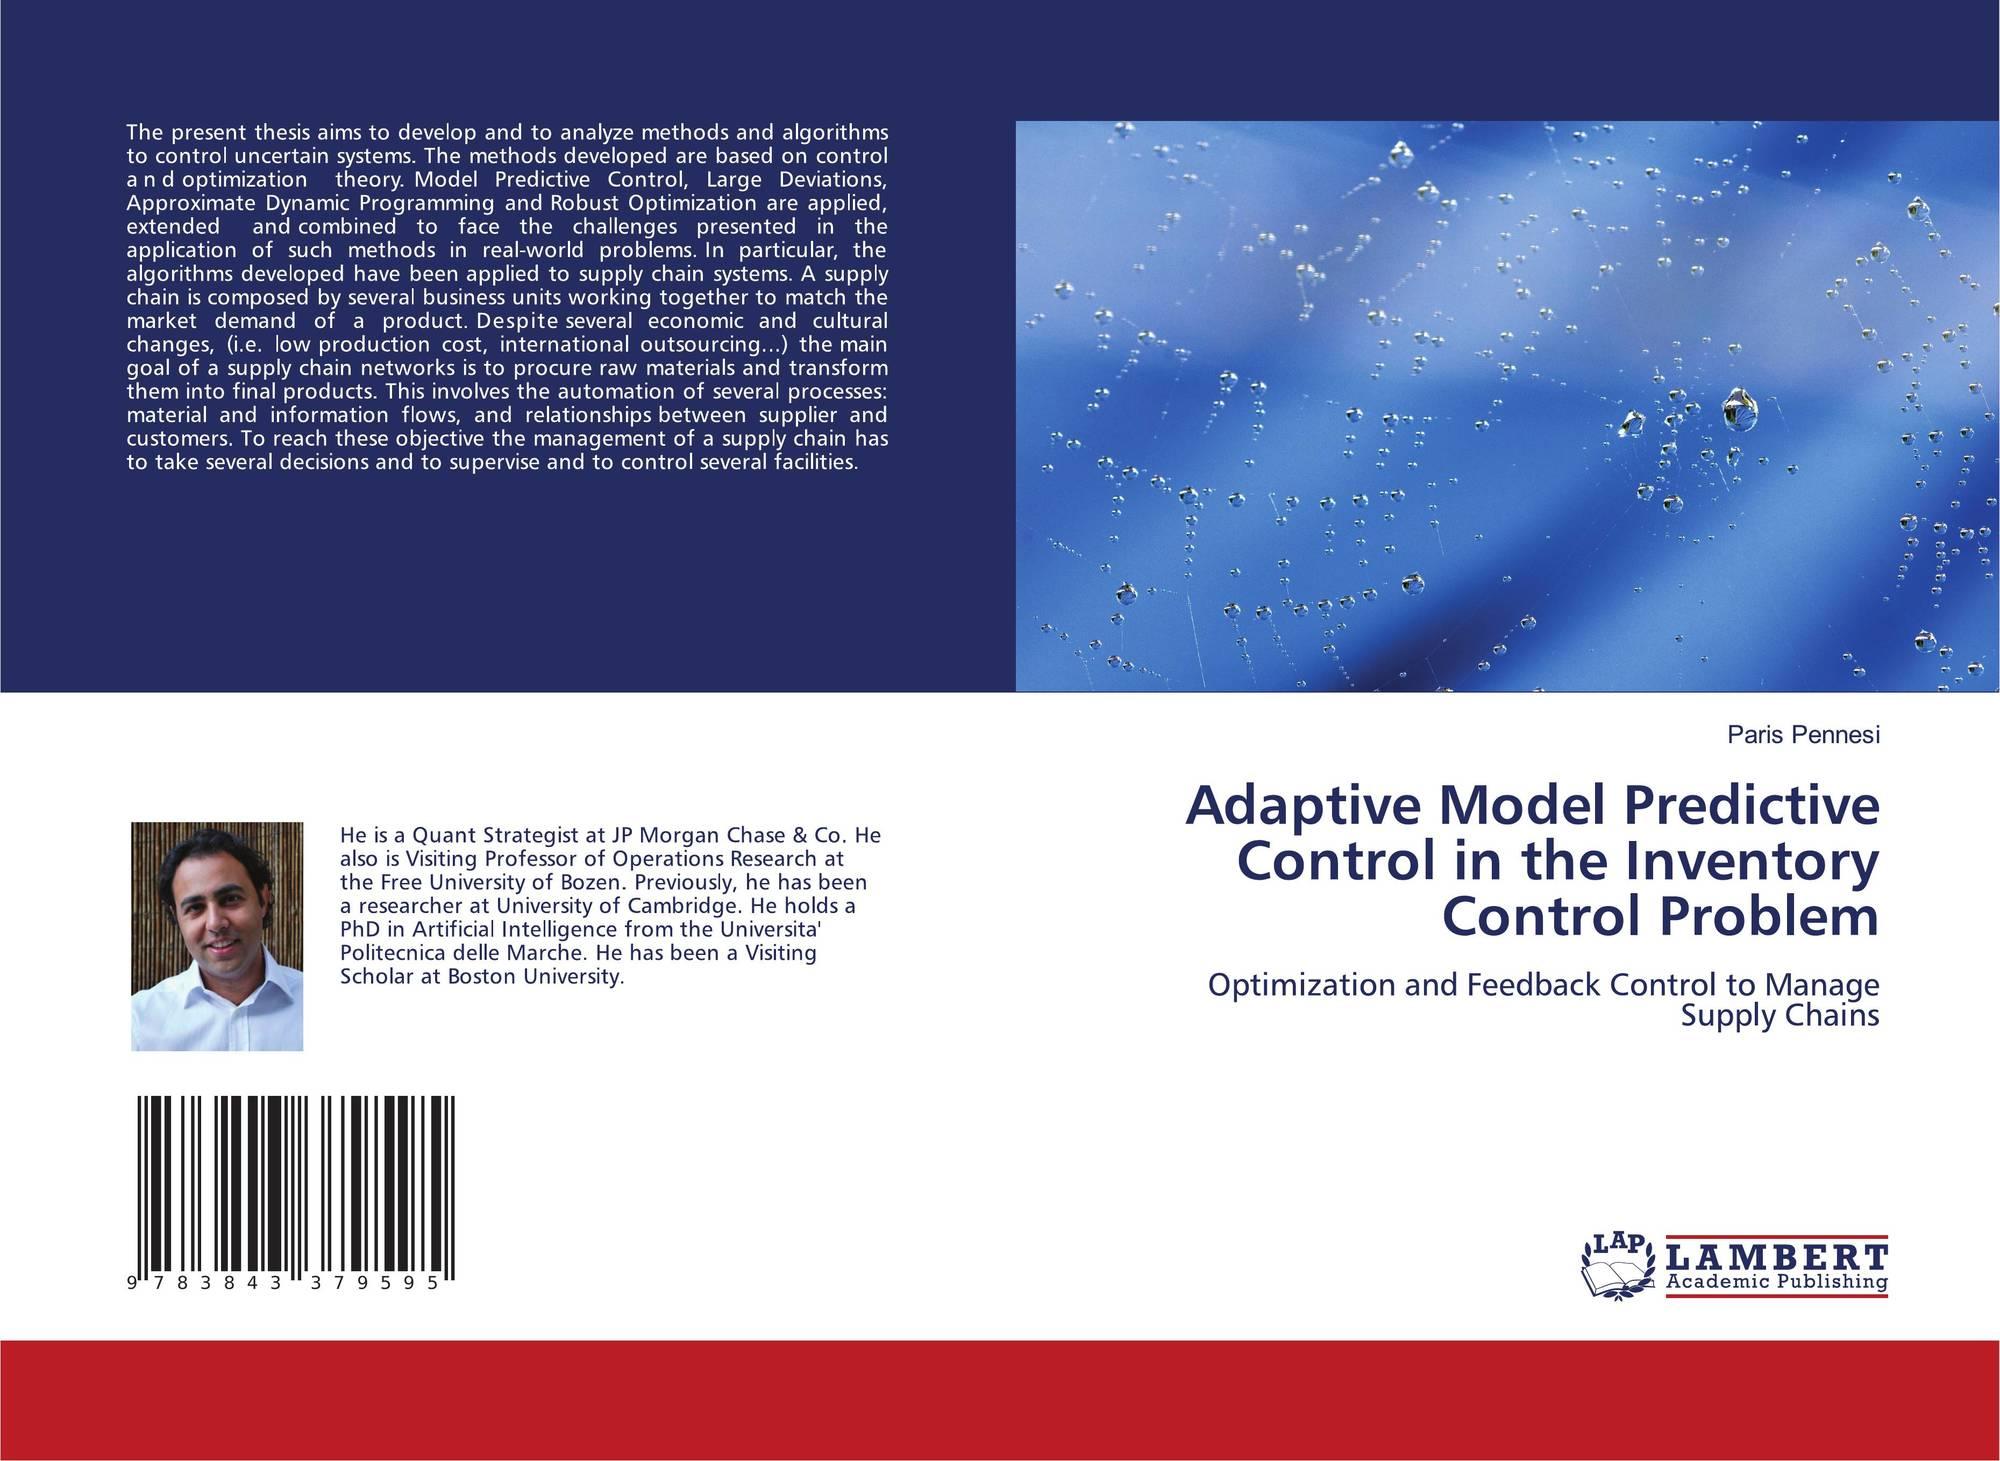 Adaptive Model Predictive Control in the Inventory Control